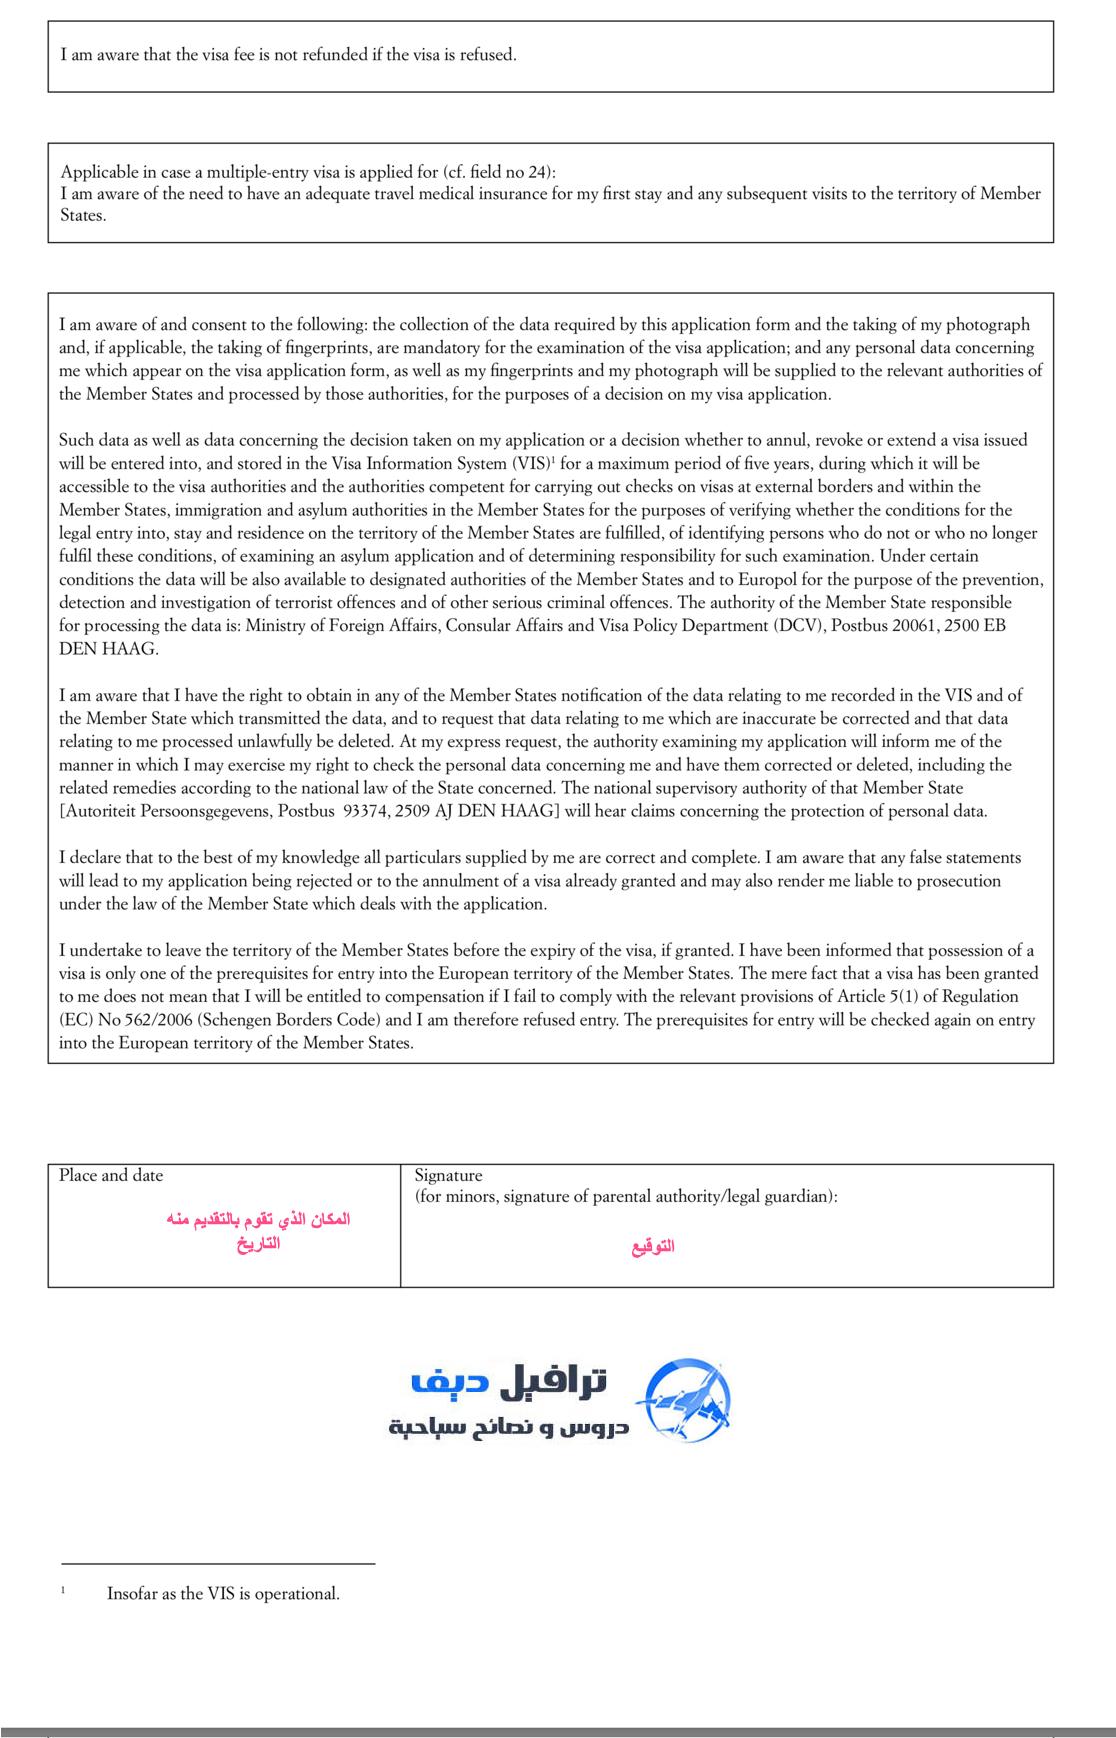 صيغة خطاب تعريف بالراتب للسفارة